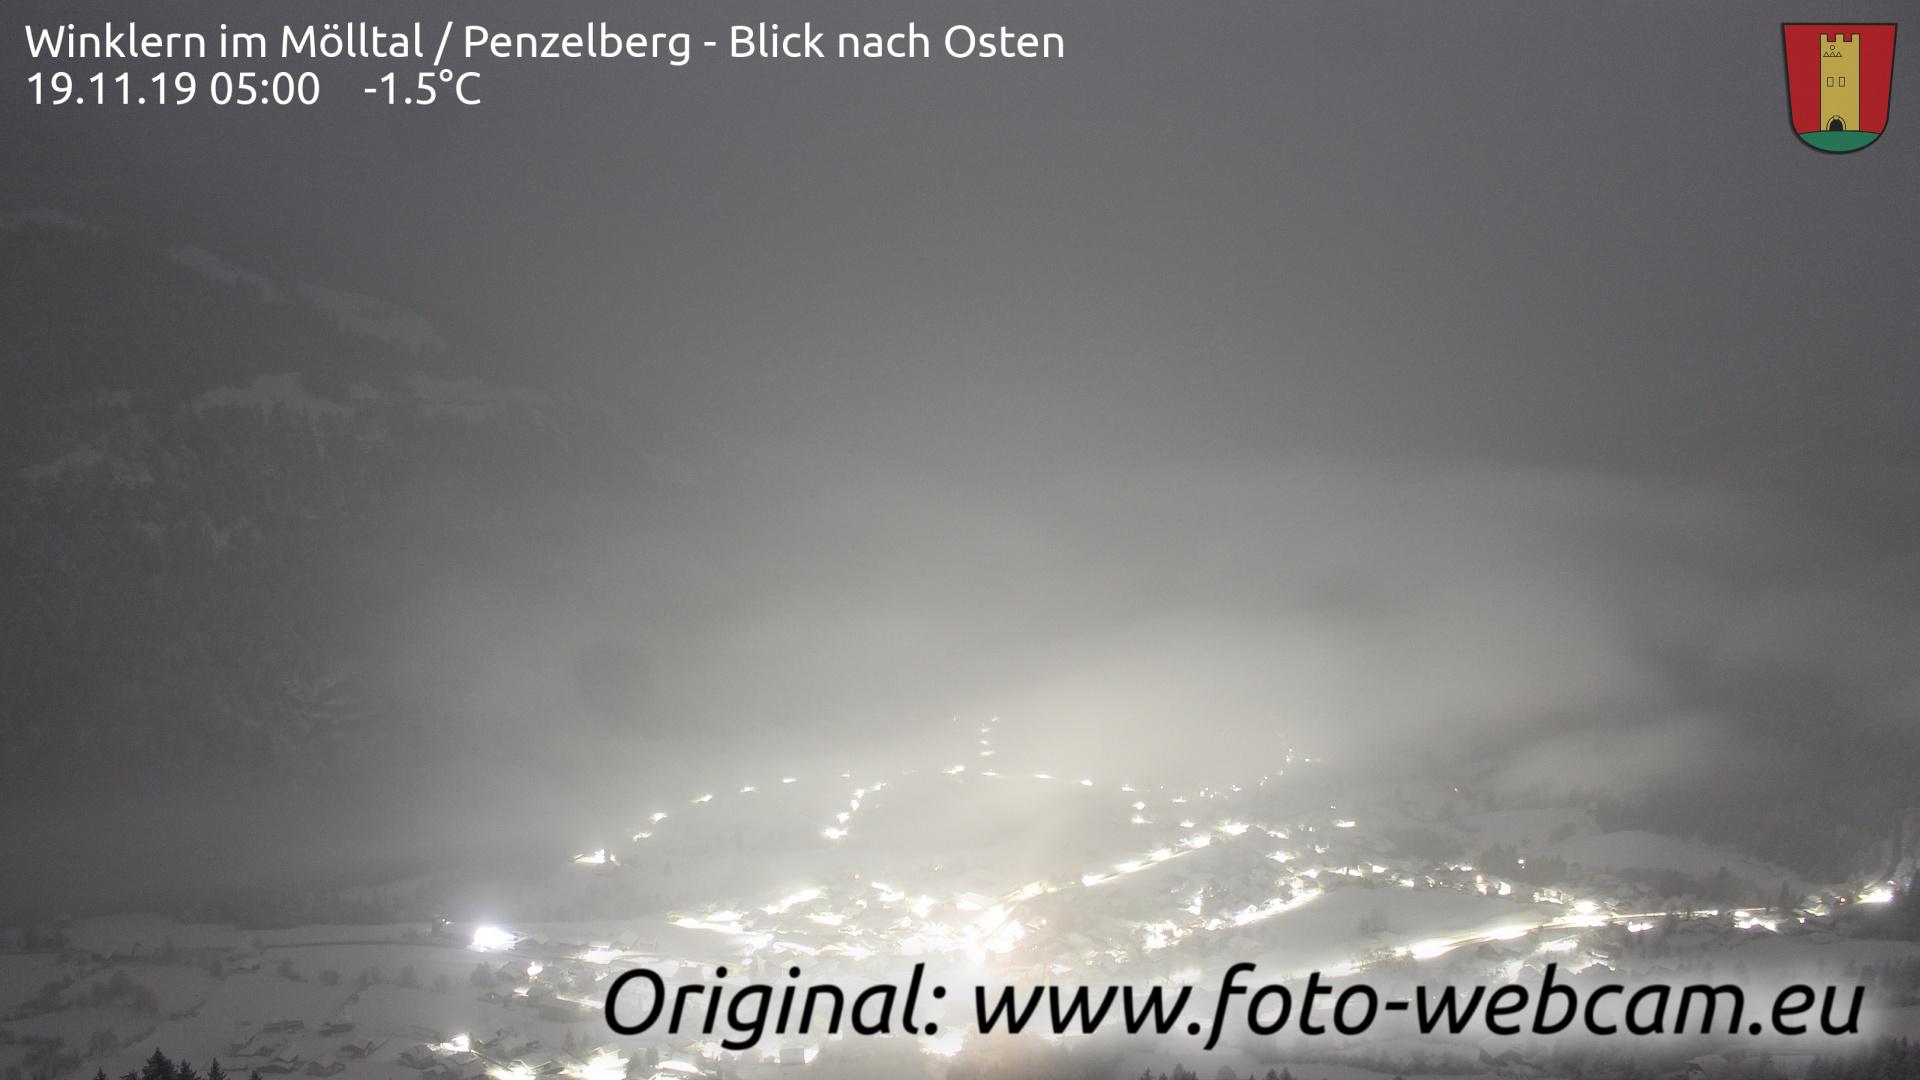 Winklern Wed. 05:11